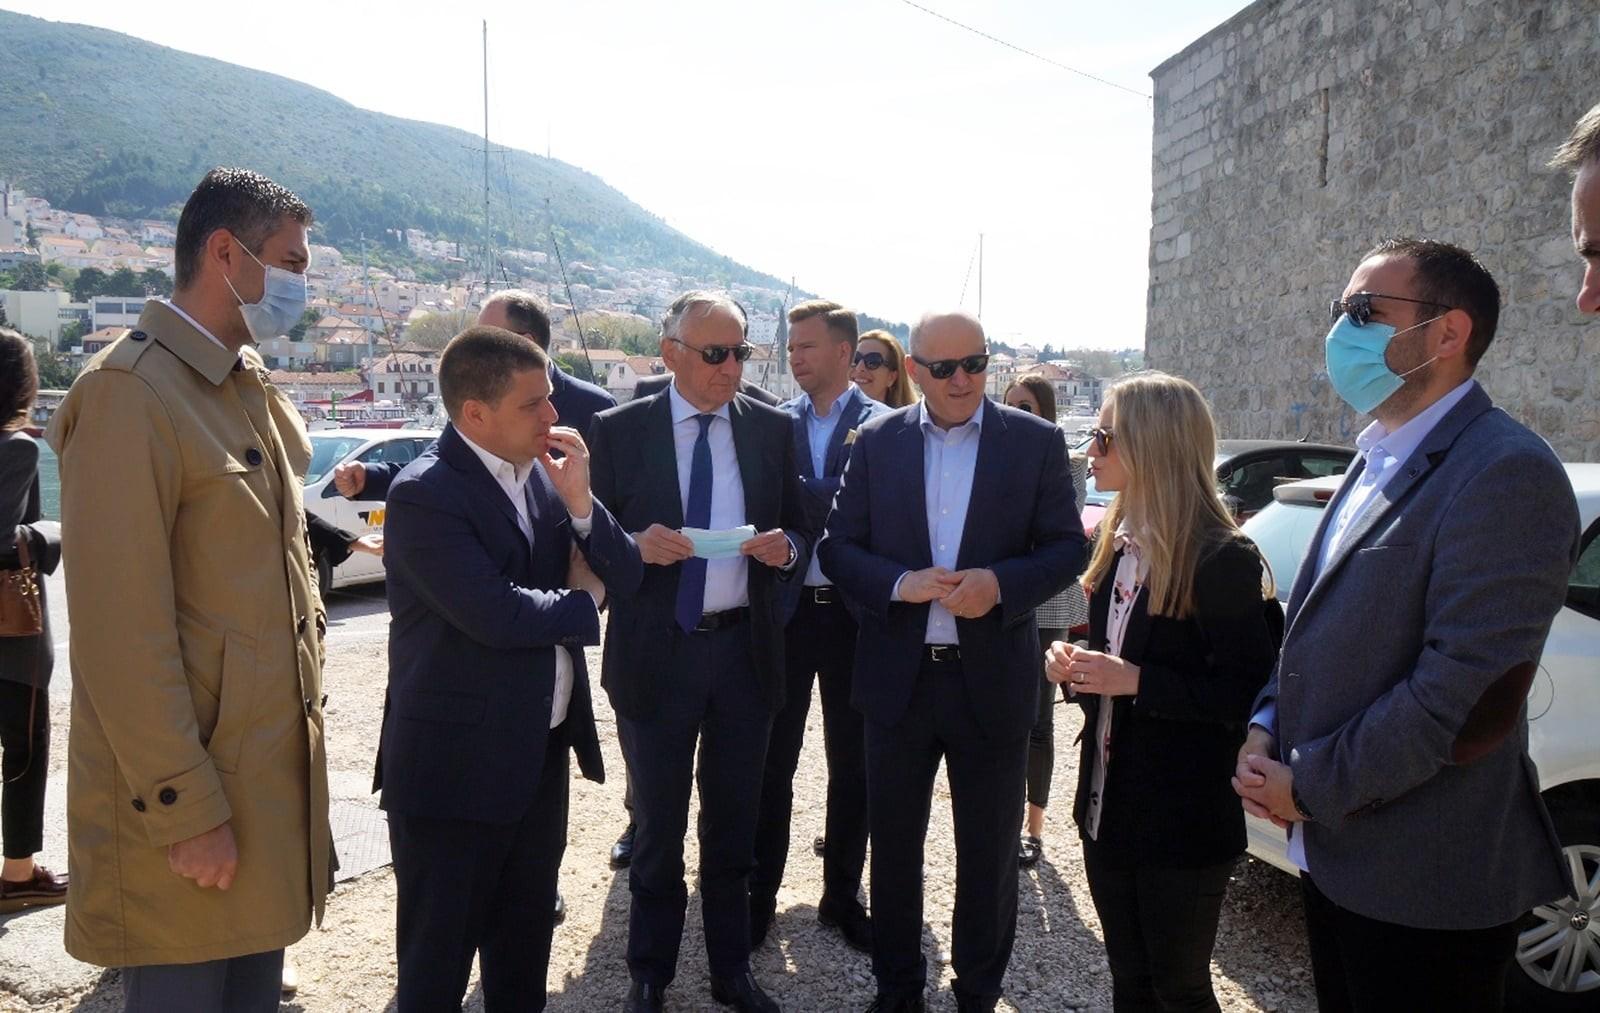 Gradonačelnik Franković i ministar Butković obišli gradilište na Lapadskoj obali